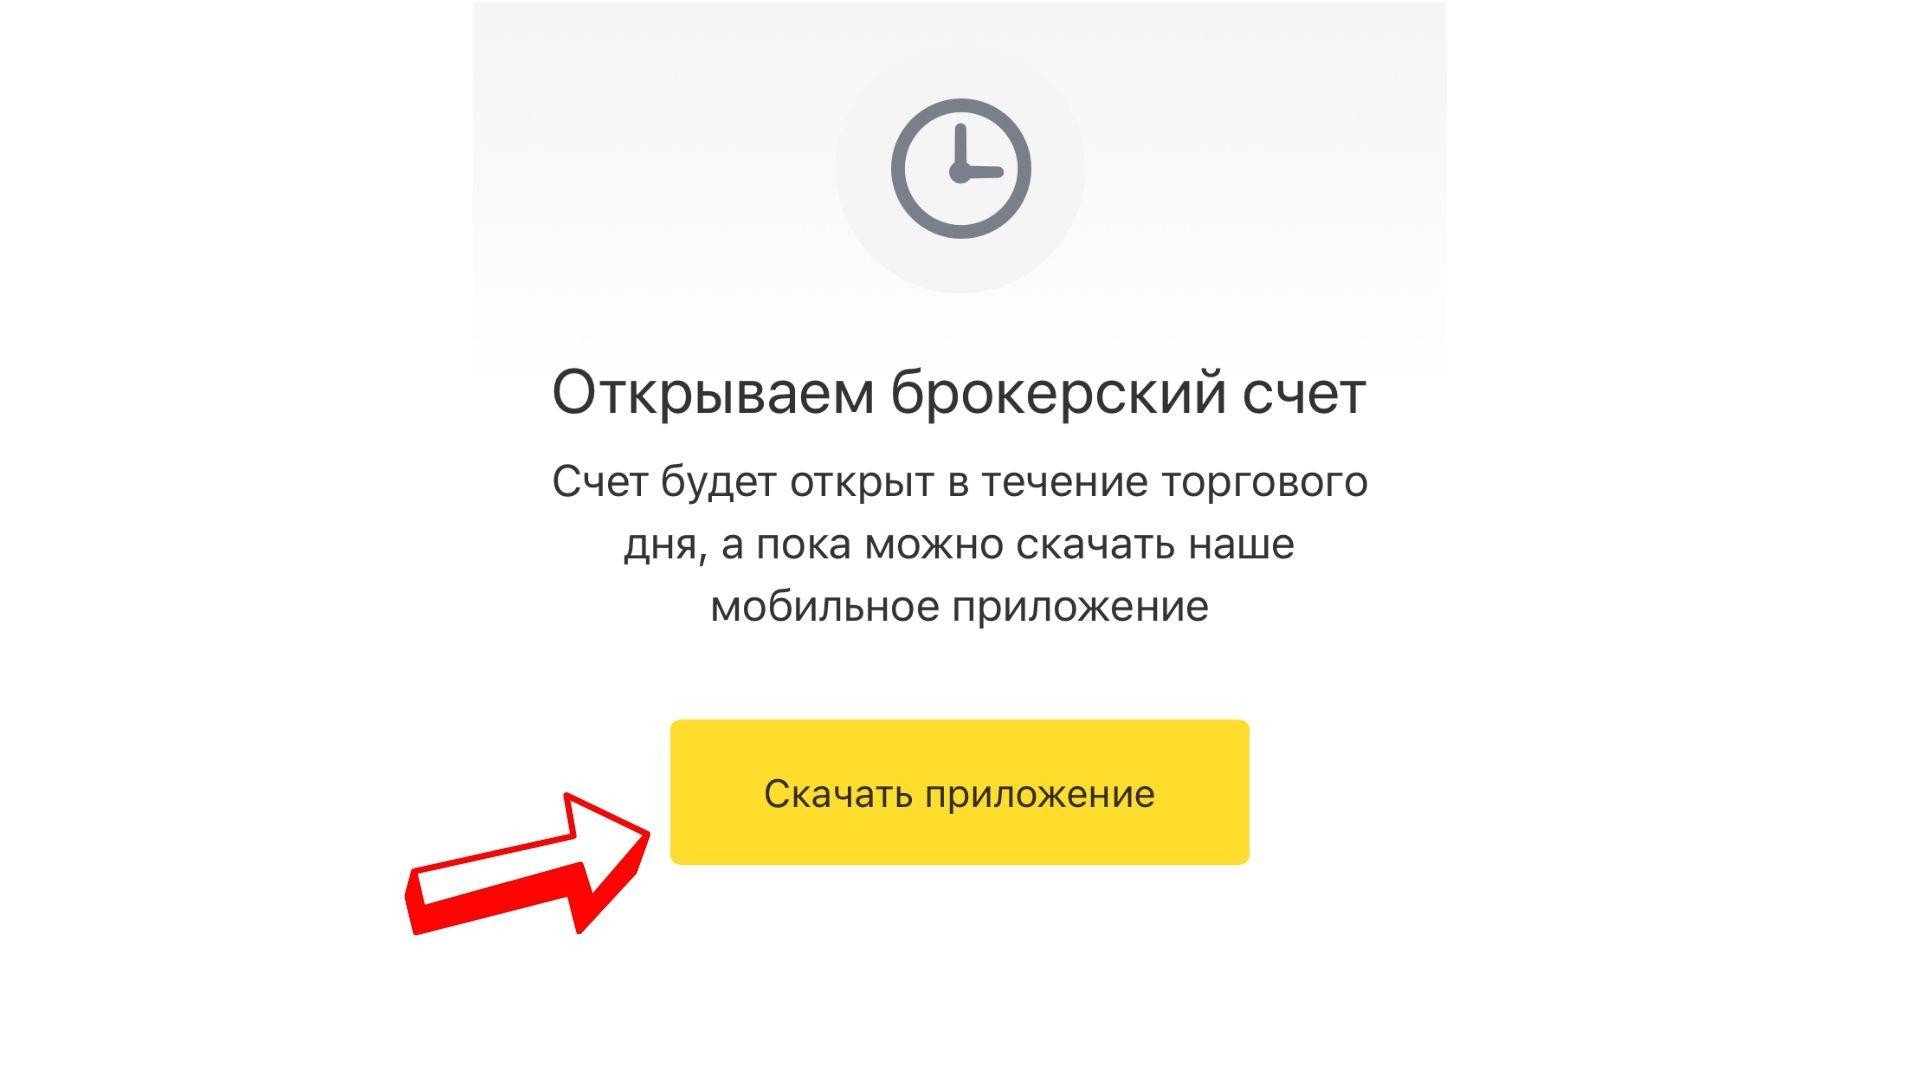 Как купить акции Яндекса физическому лицу. Инструкция приложение